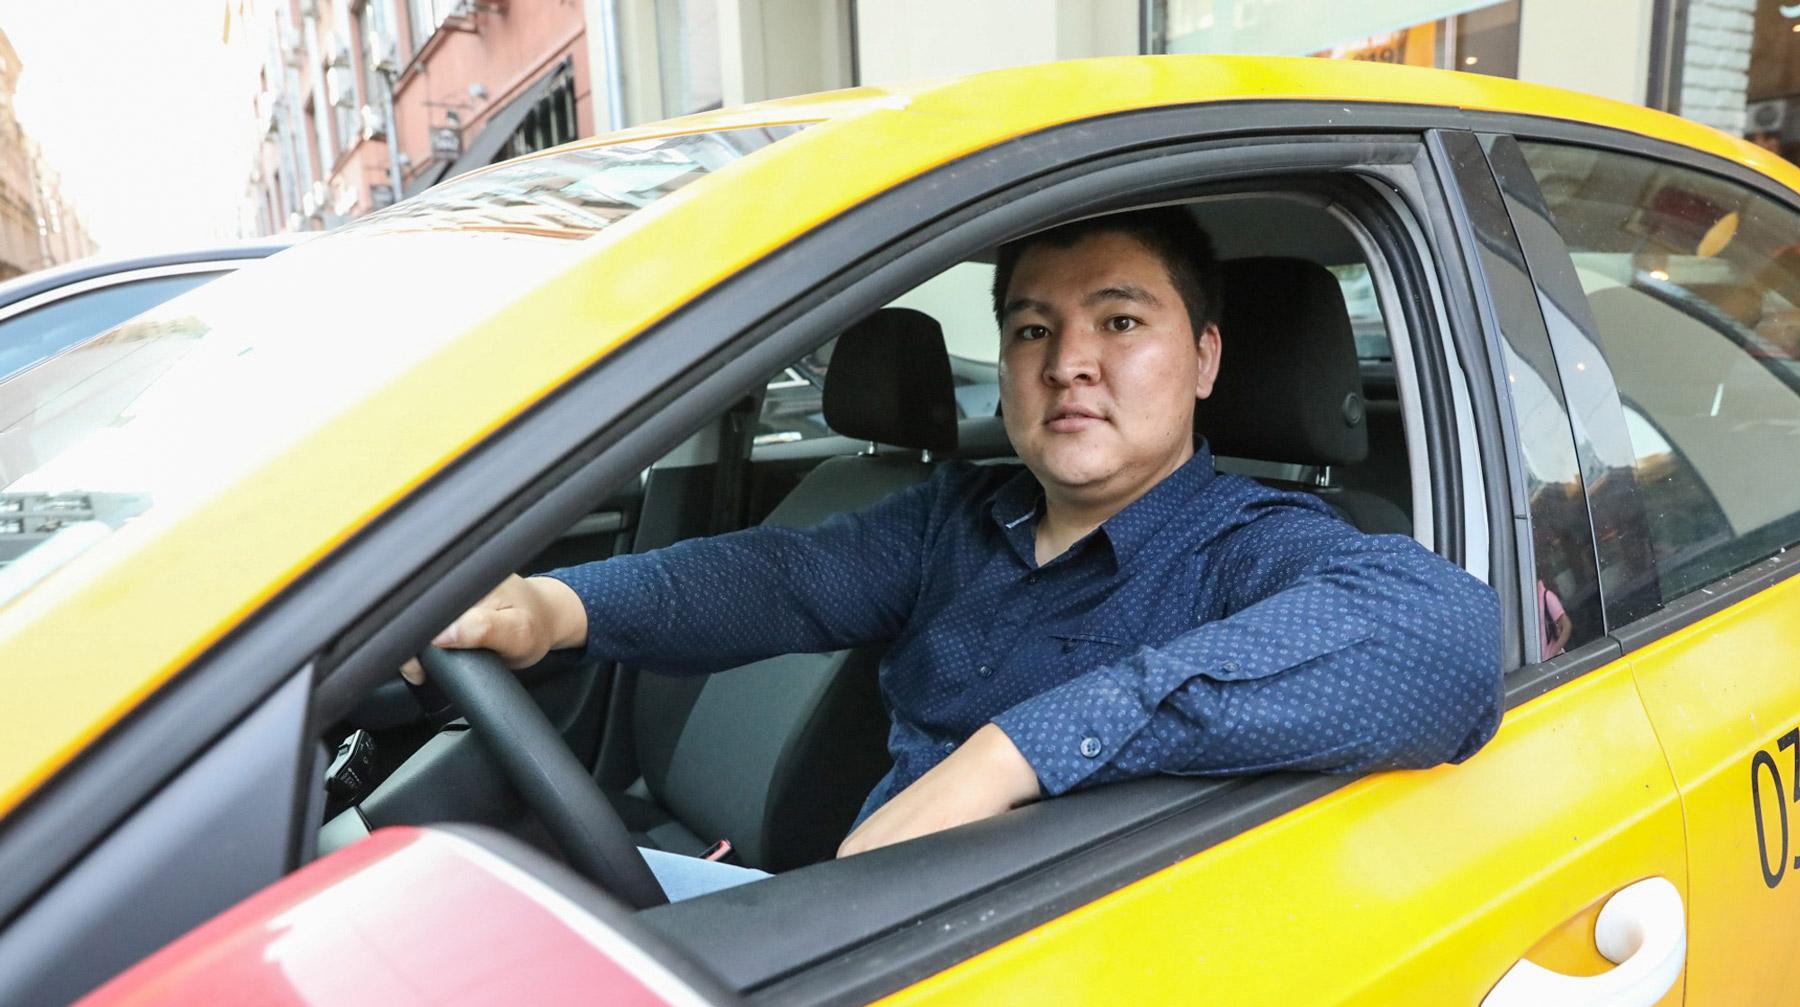 таксисты иностранцы